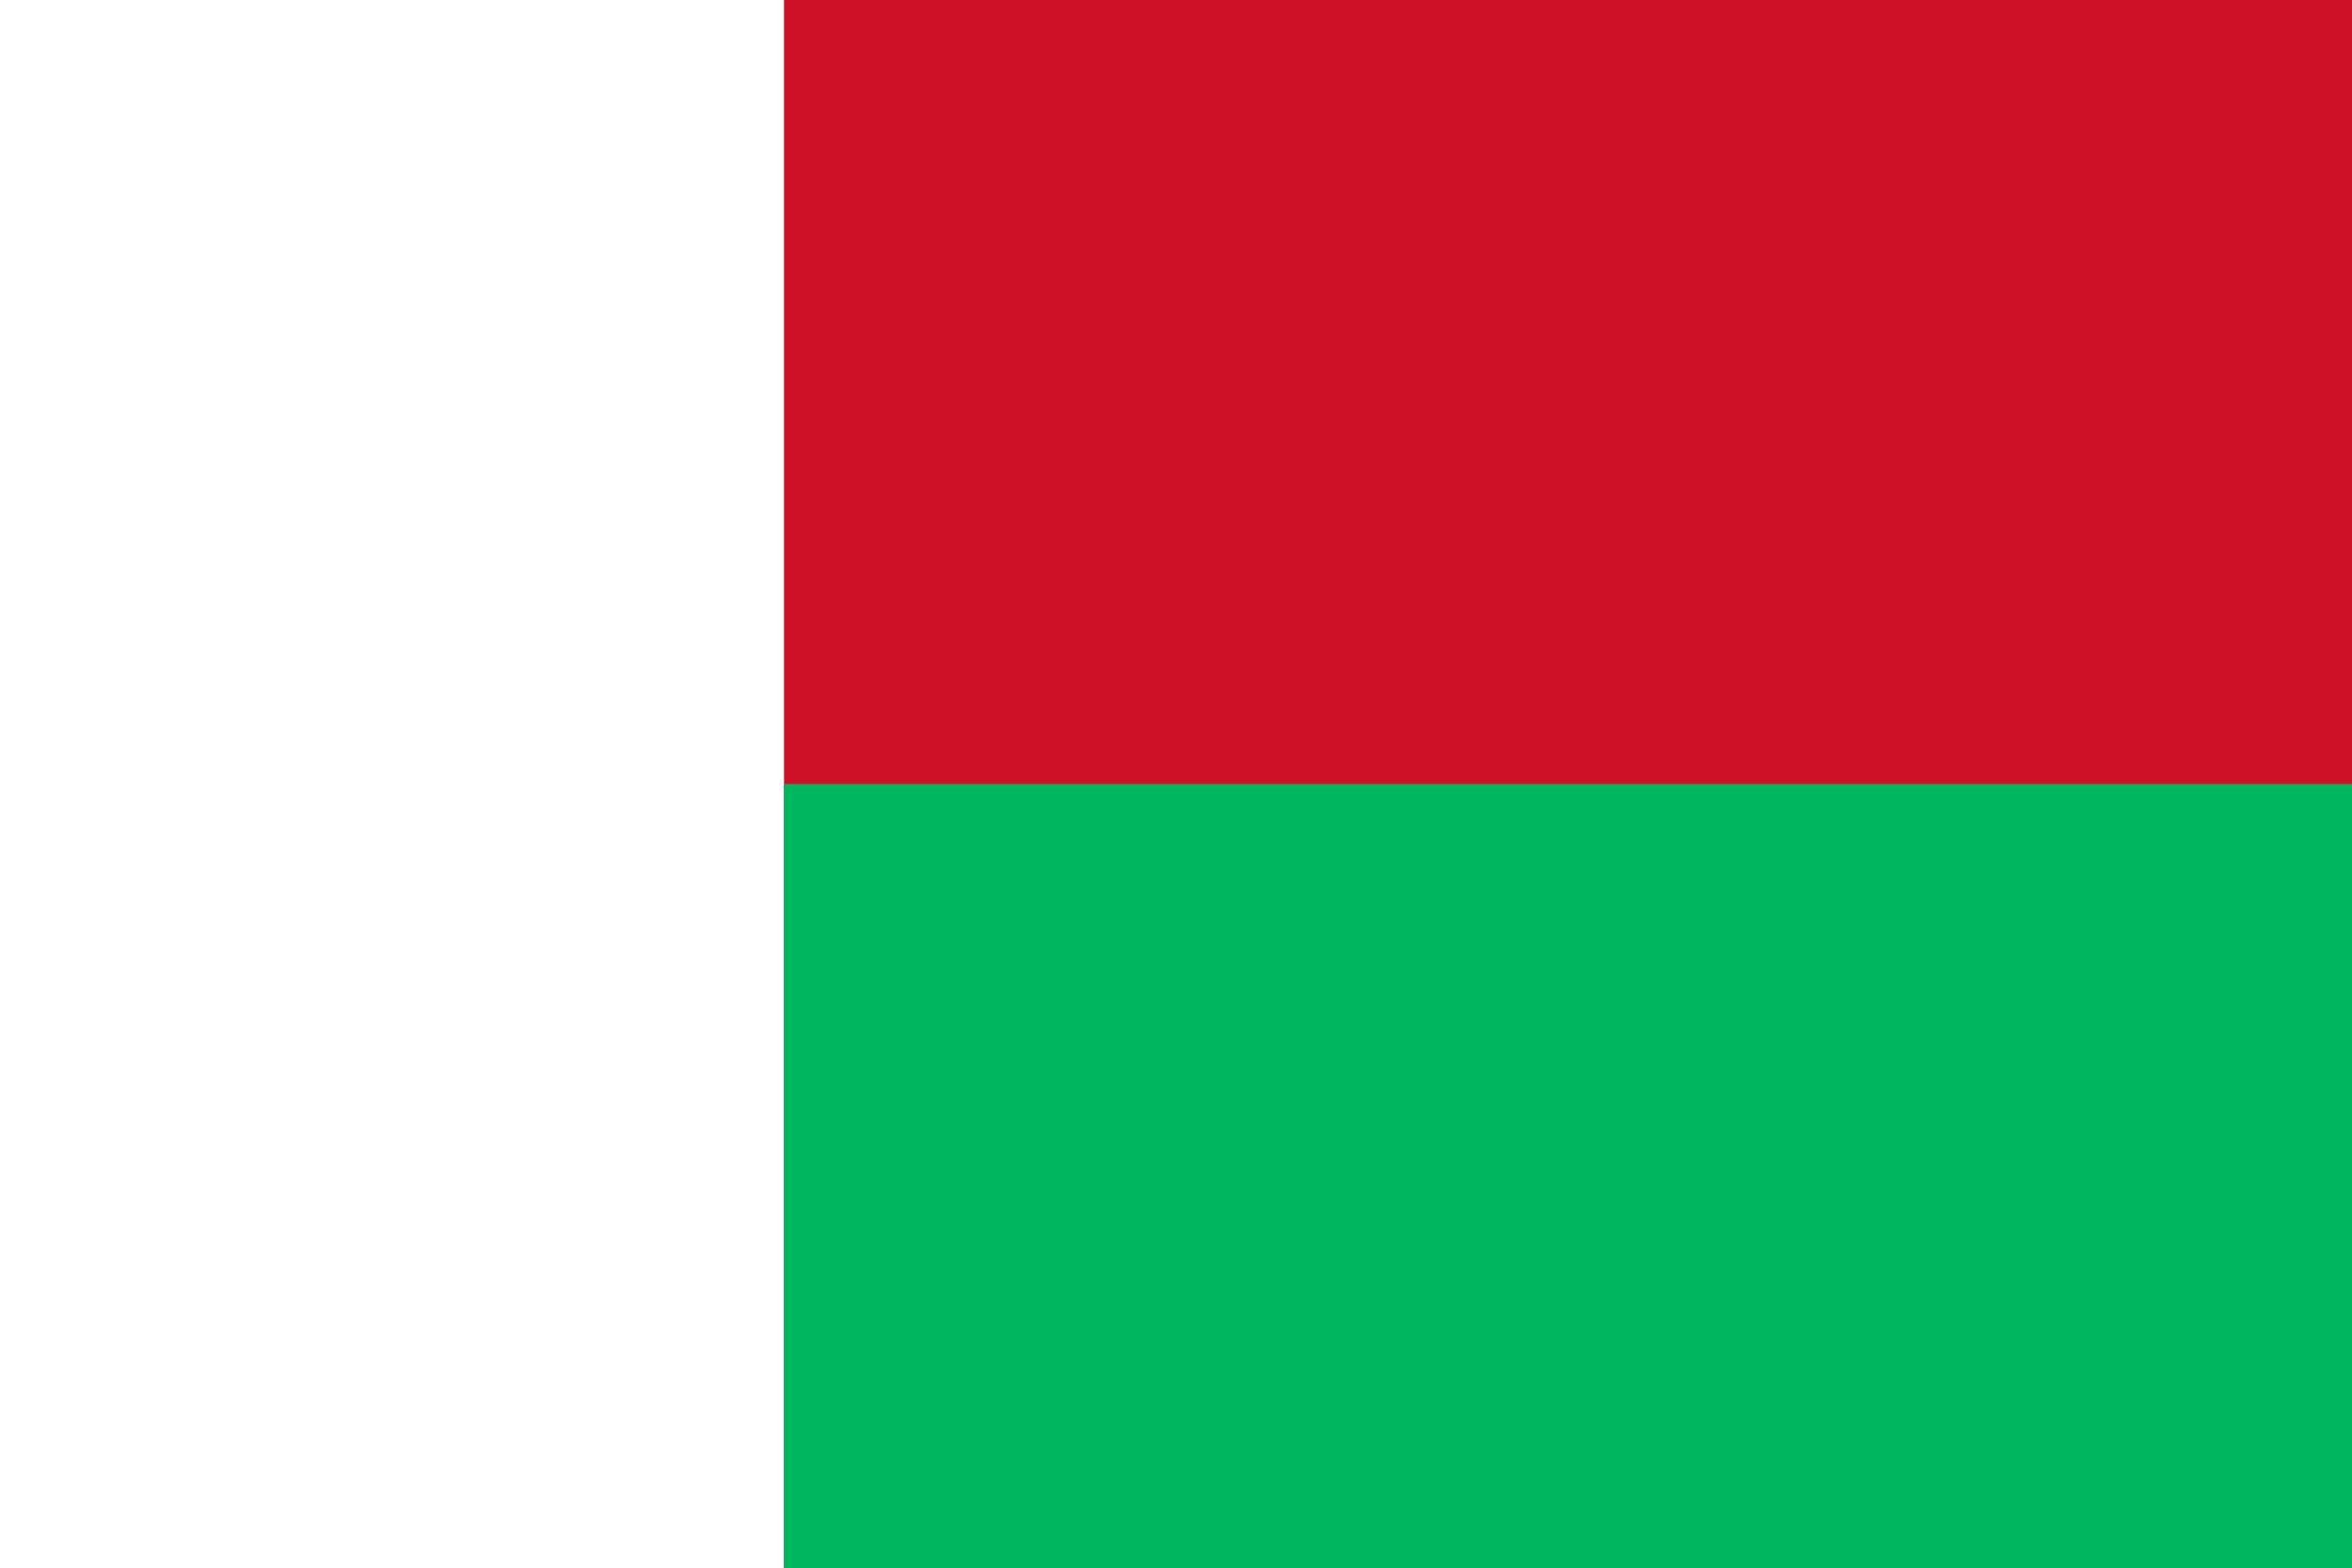 Madagaskar, Land, Emblem, Logo, Symbol - Wallpaper HD - Prof.-falken.com